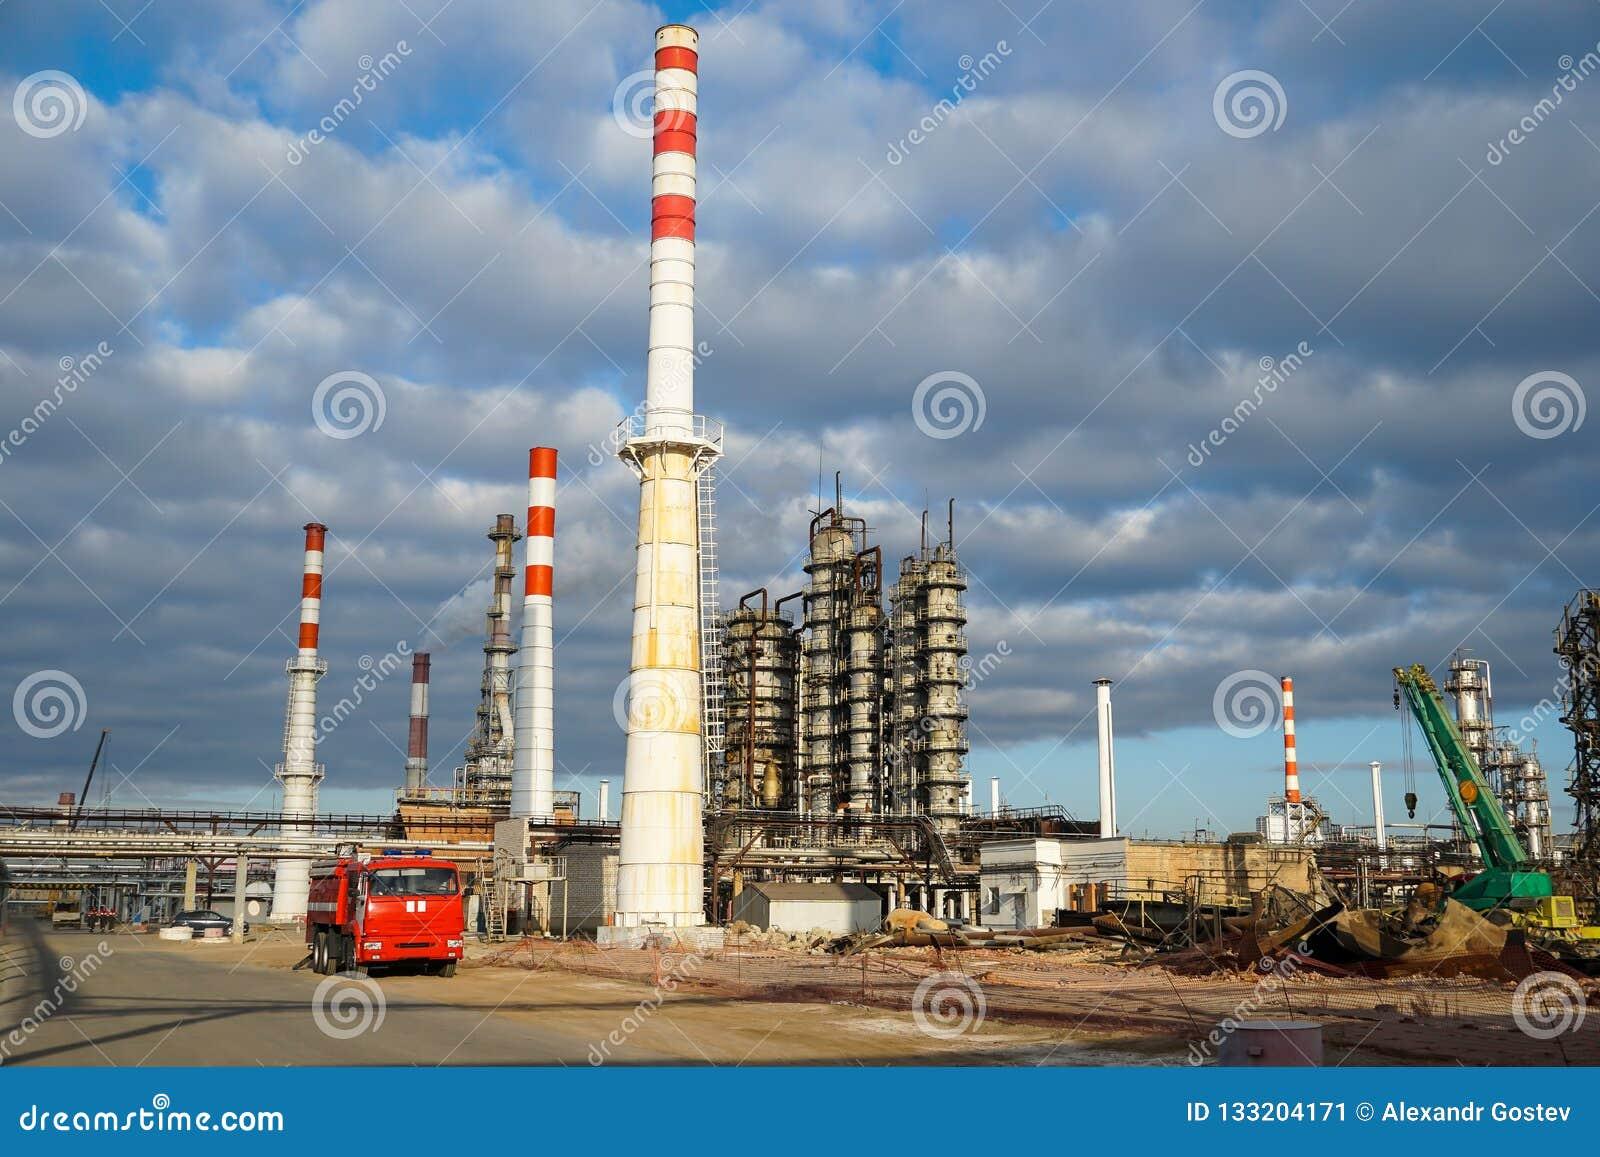 Disposition de l installation technologique pour la fabrication des produits pétroliers légers à une raffinerie en Russie